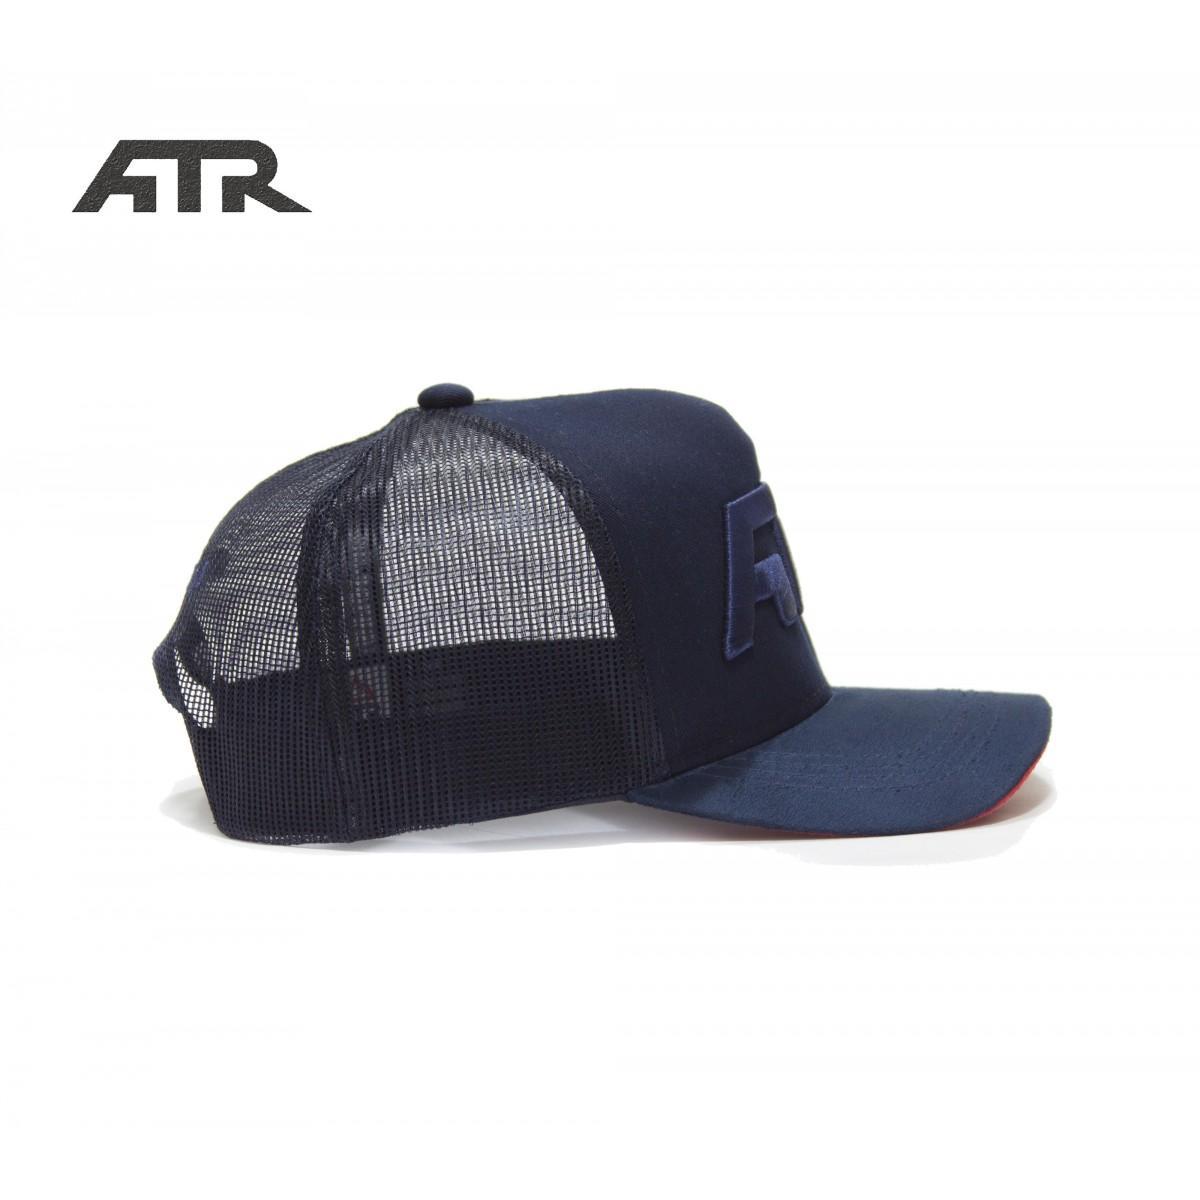 Boné ATR 2018 Azul Marinho - All Terrain Store f64461cdb70